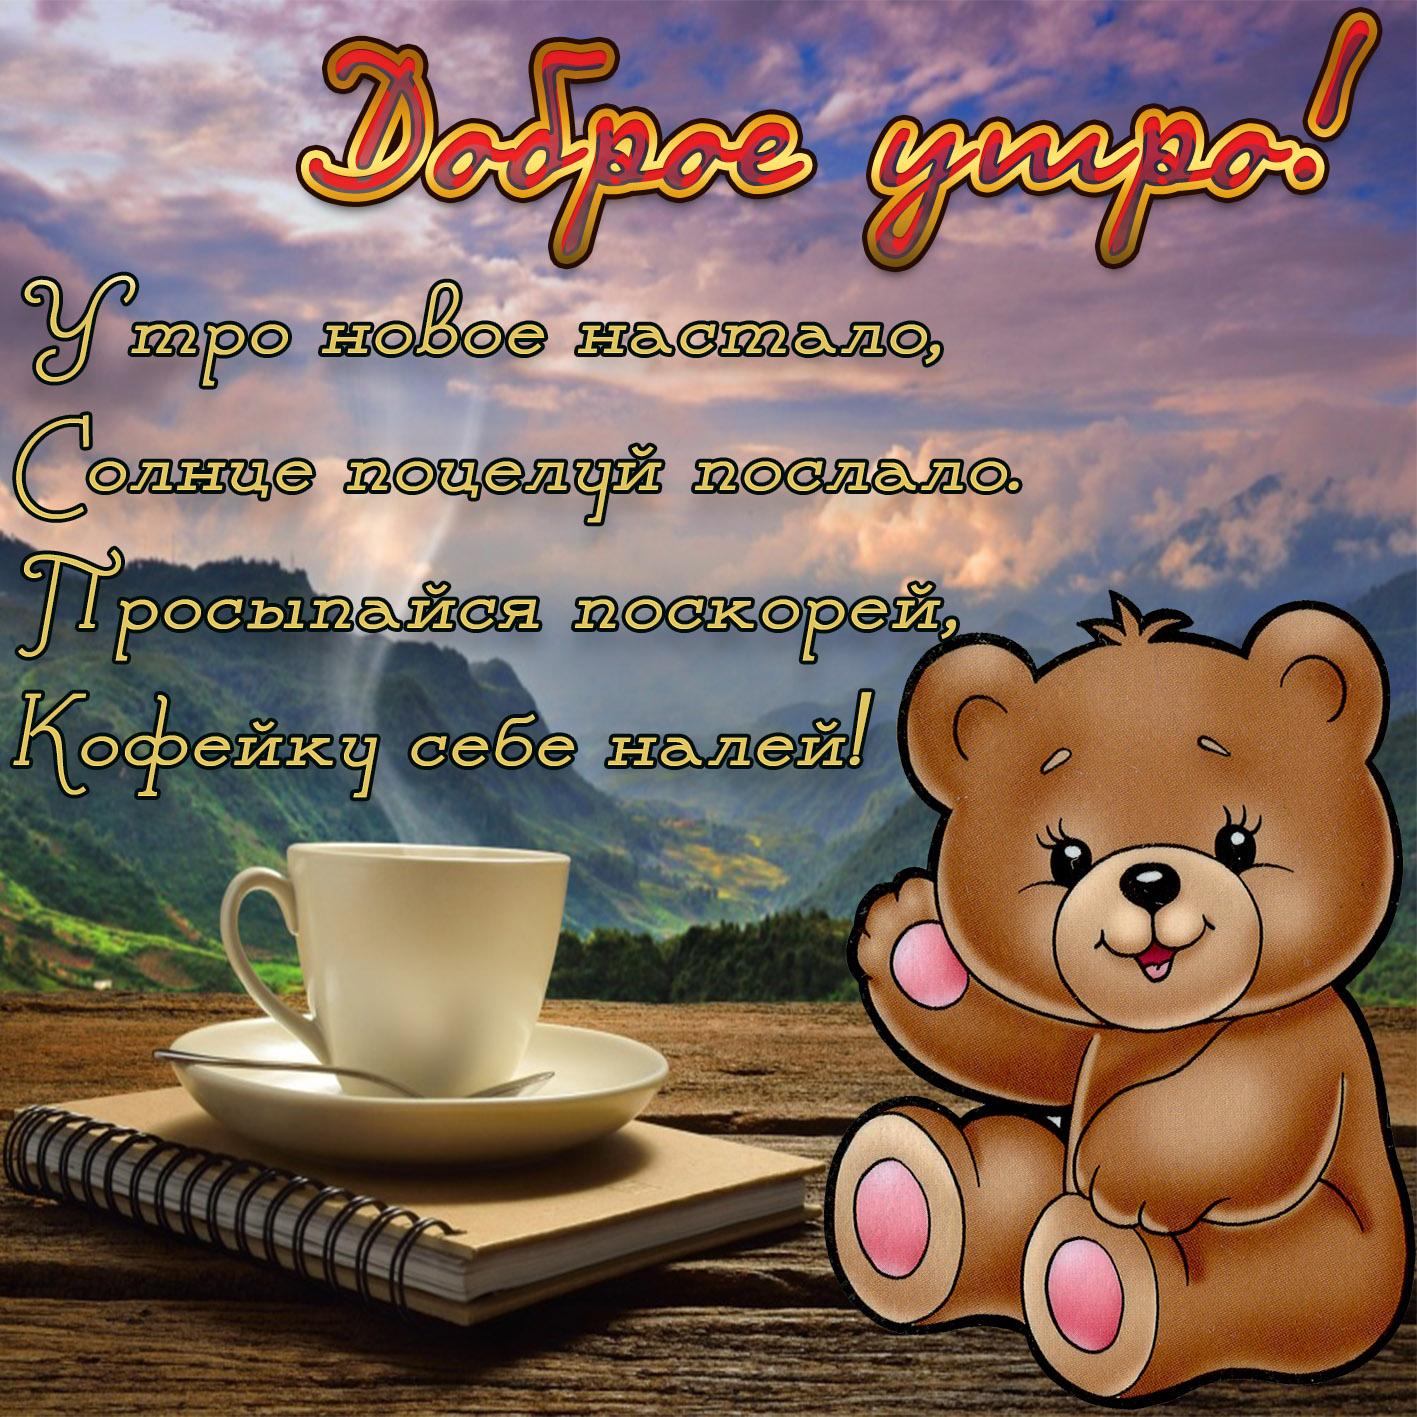 Красивые поздравления с добрым утром открытки, почтовая открытка про